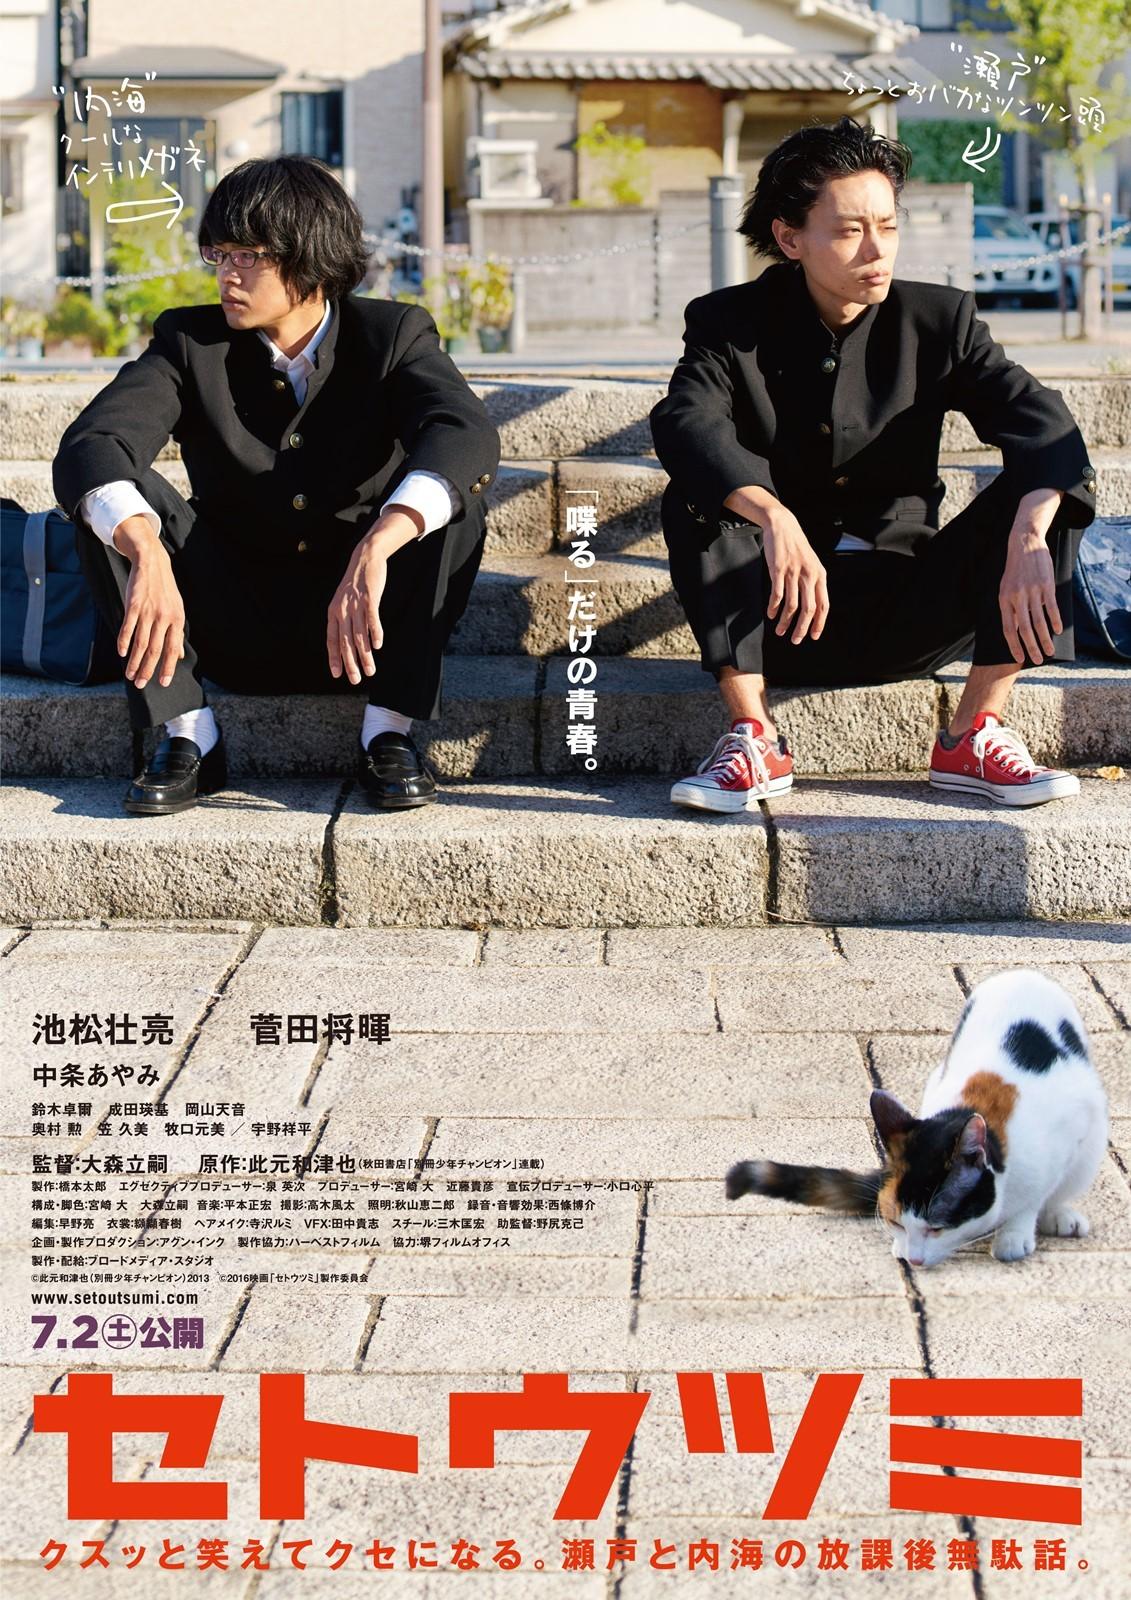 『セトウツミ』 (C)此元和津也(別冊少年チャンピオン)2013 (C)2016映画「セトウツミ」製作委員会